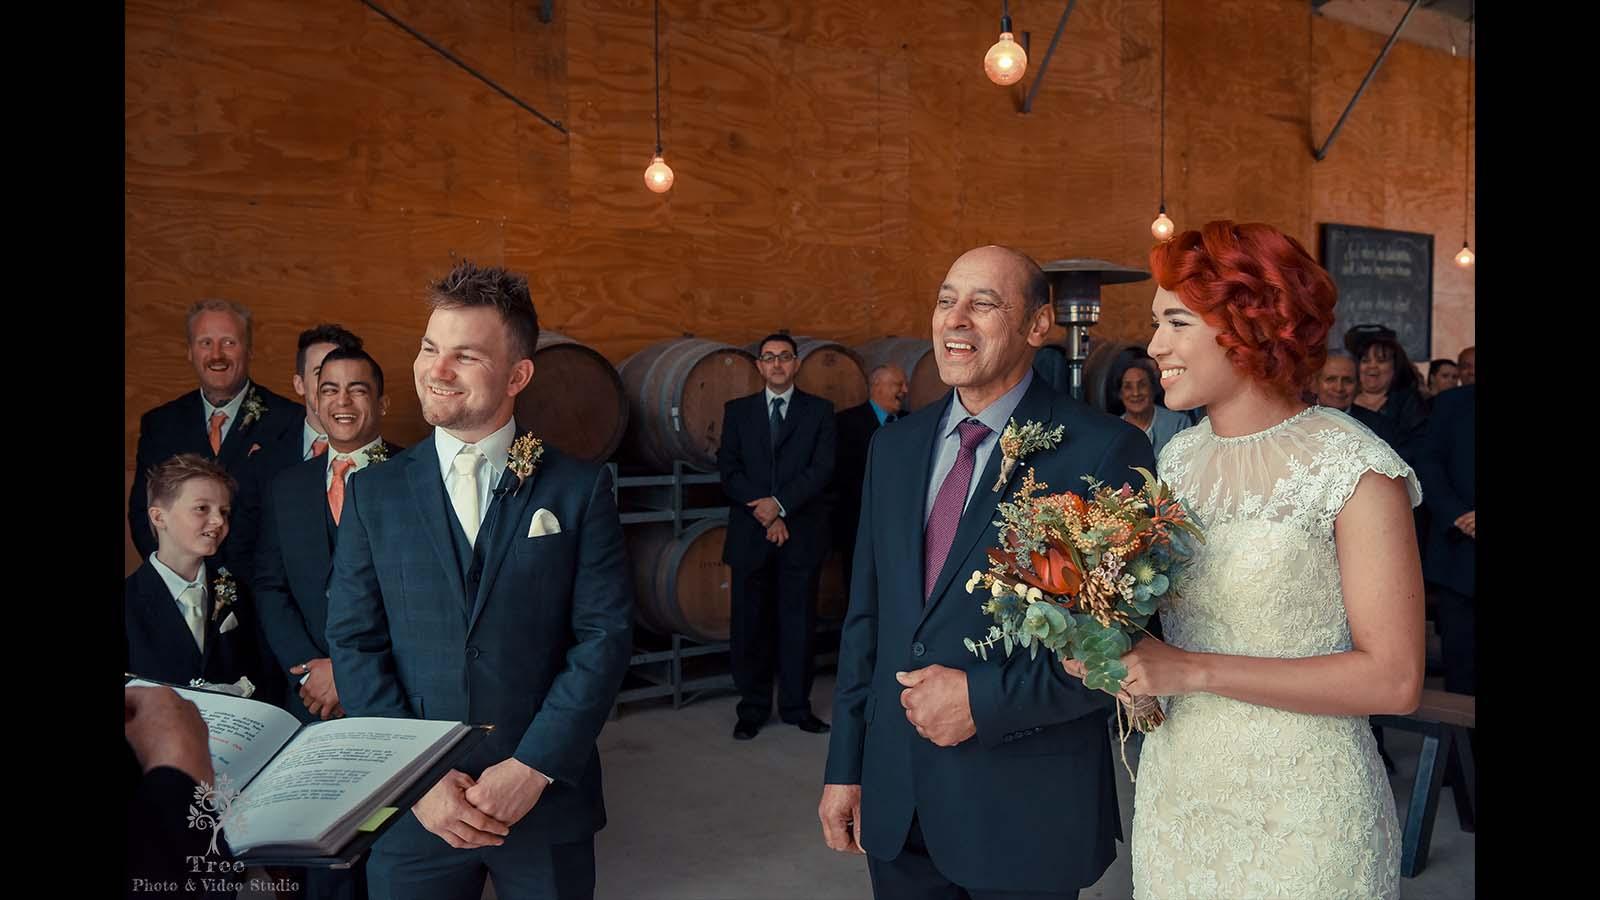 Zonzo Wedding Ceremony 2